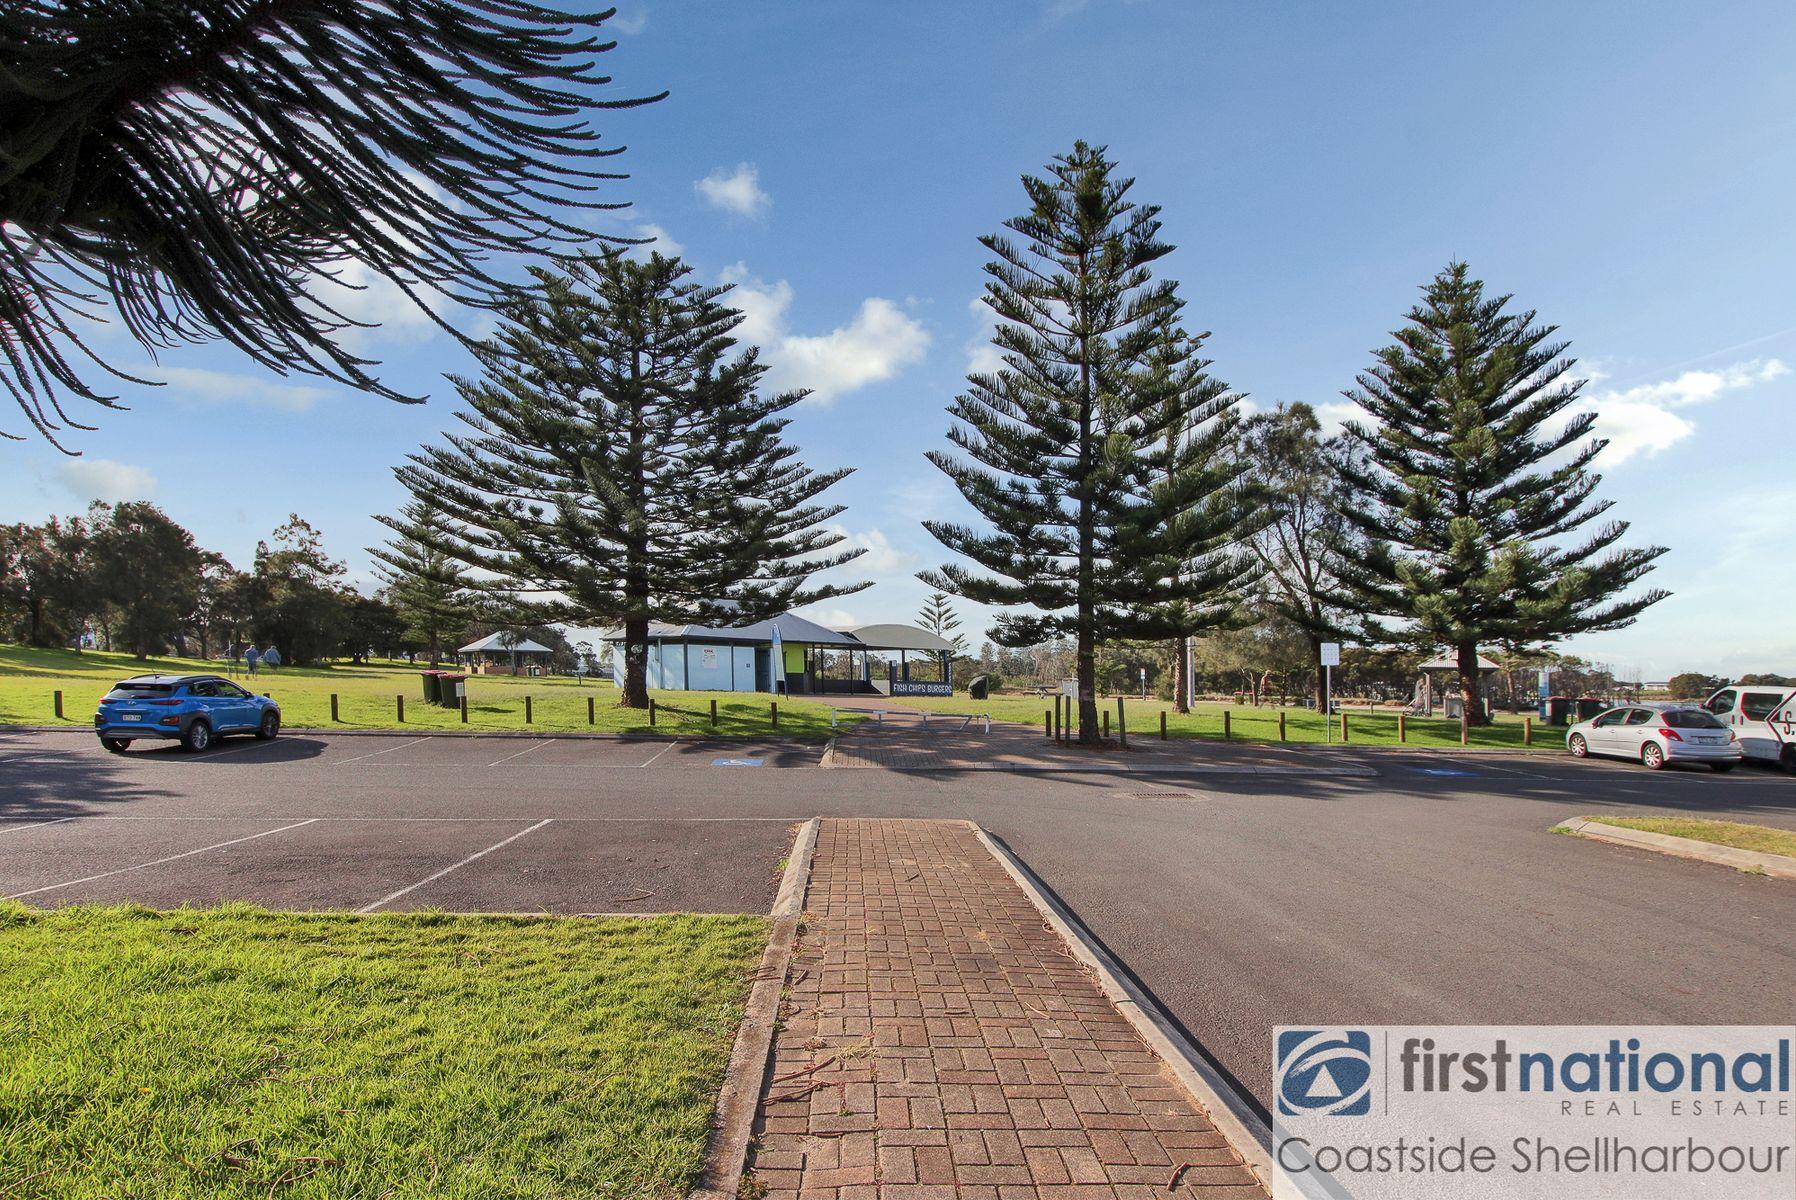 3/77 Reddall Parade, Lake Illawarra, NSW 2528